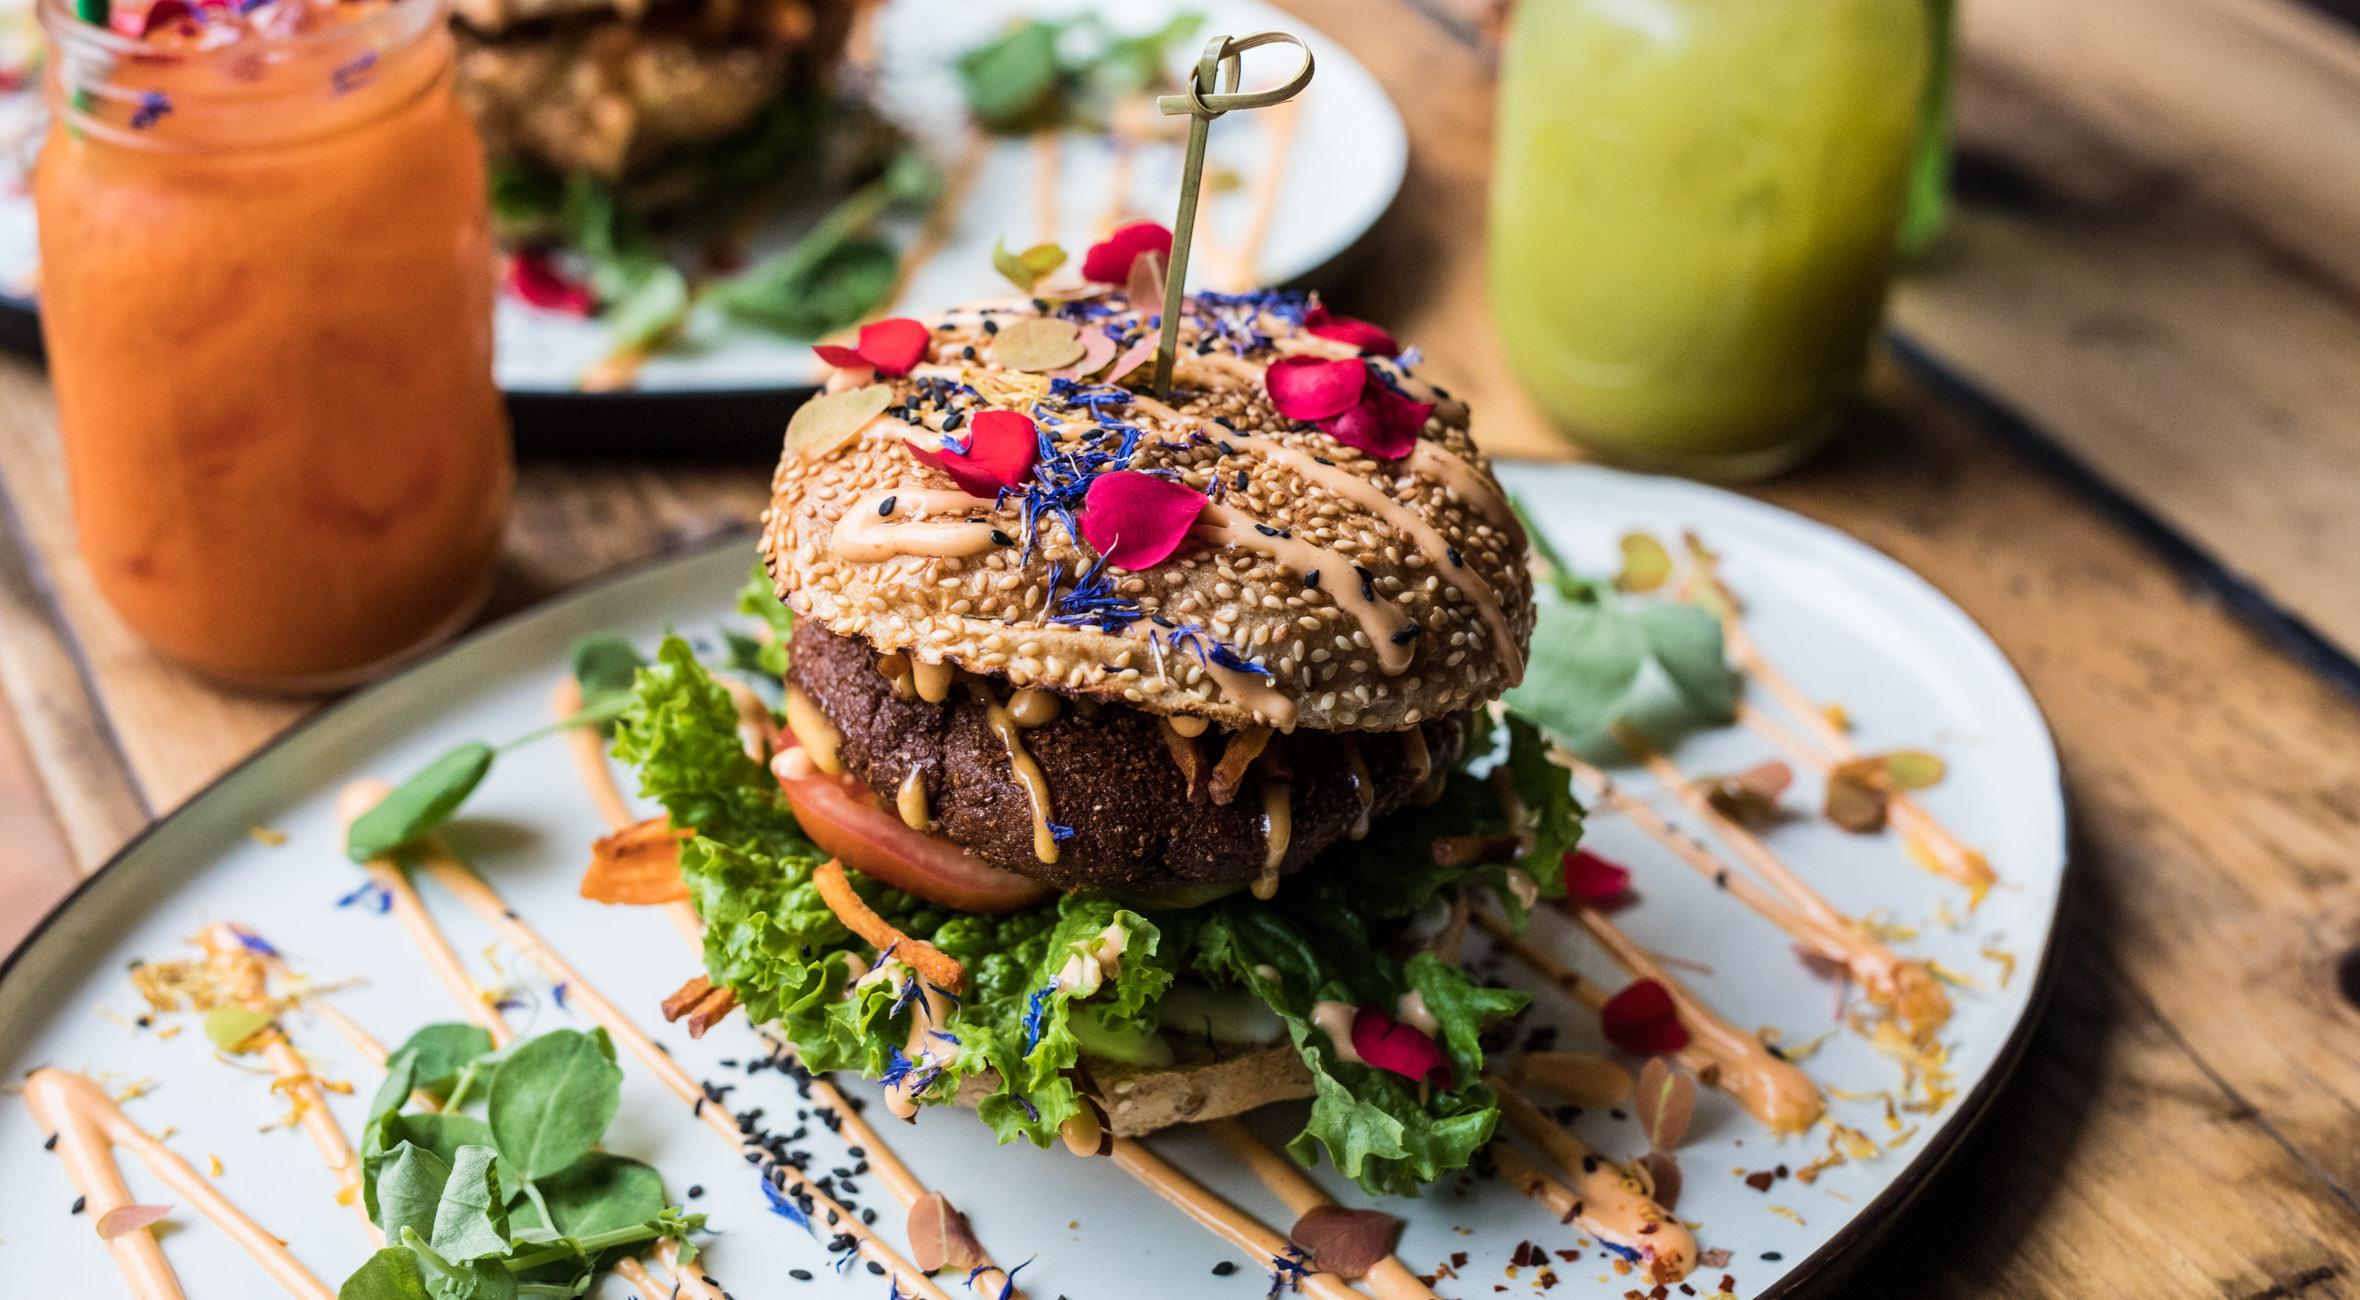 Frit valg til alt hos The Organic Boho på Østerbro og Christianshavn – Veganske hitmagere byder på acai bowls, falafel-burgere, raw cakes og superfood wraps